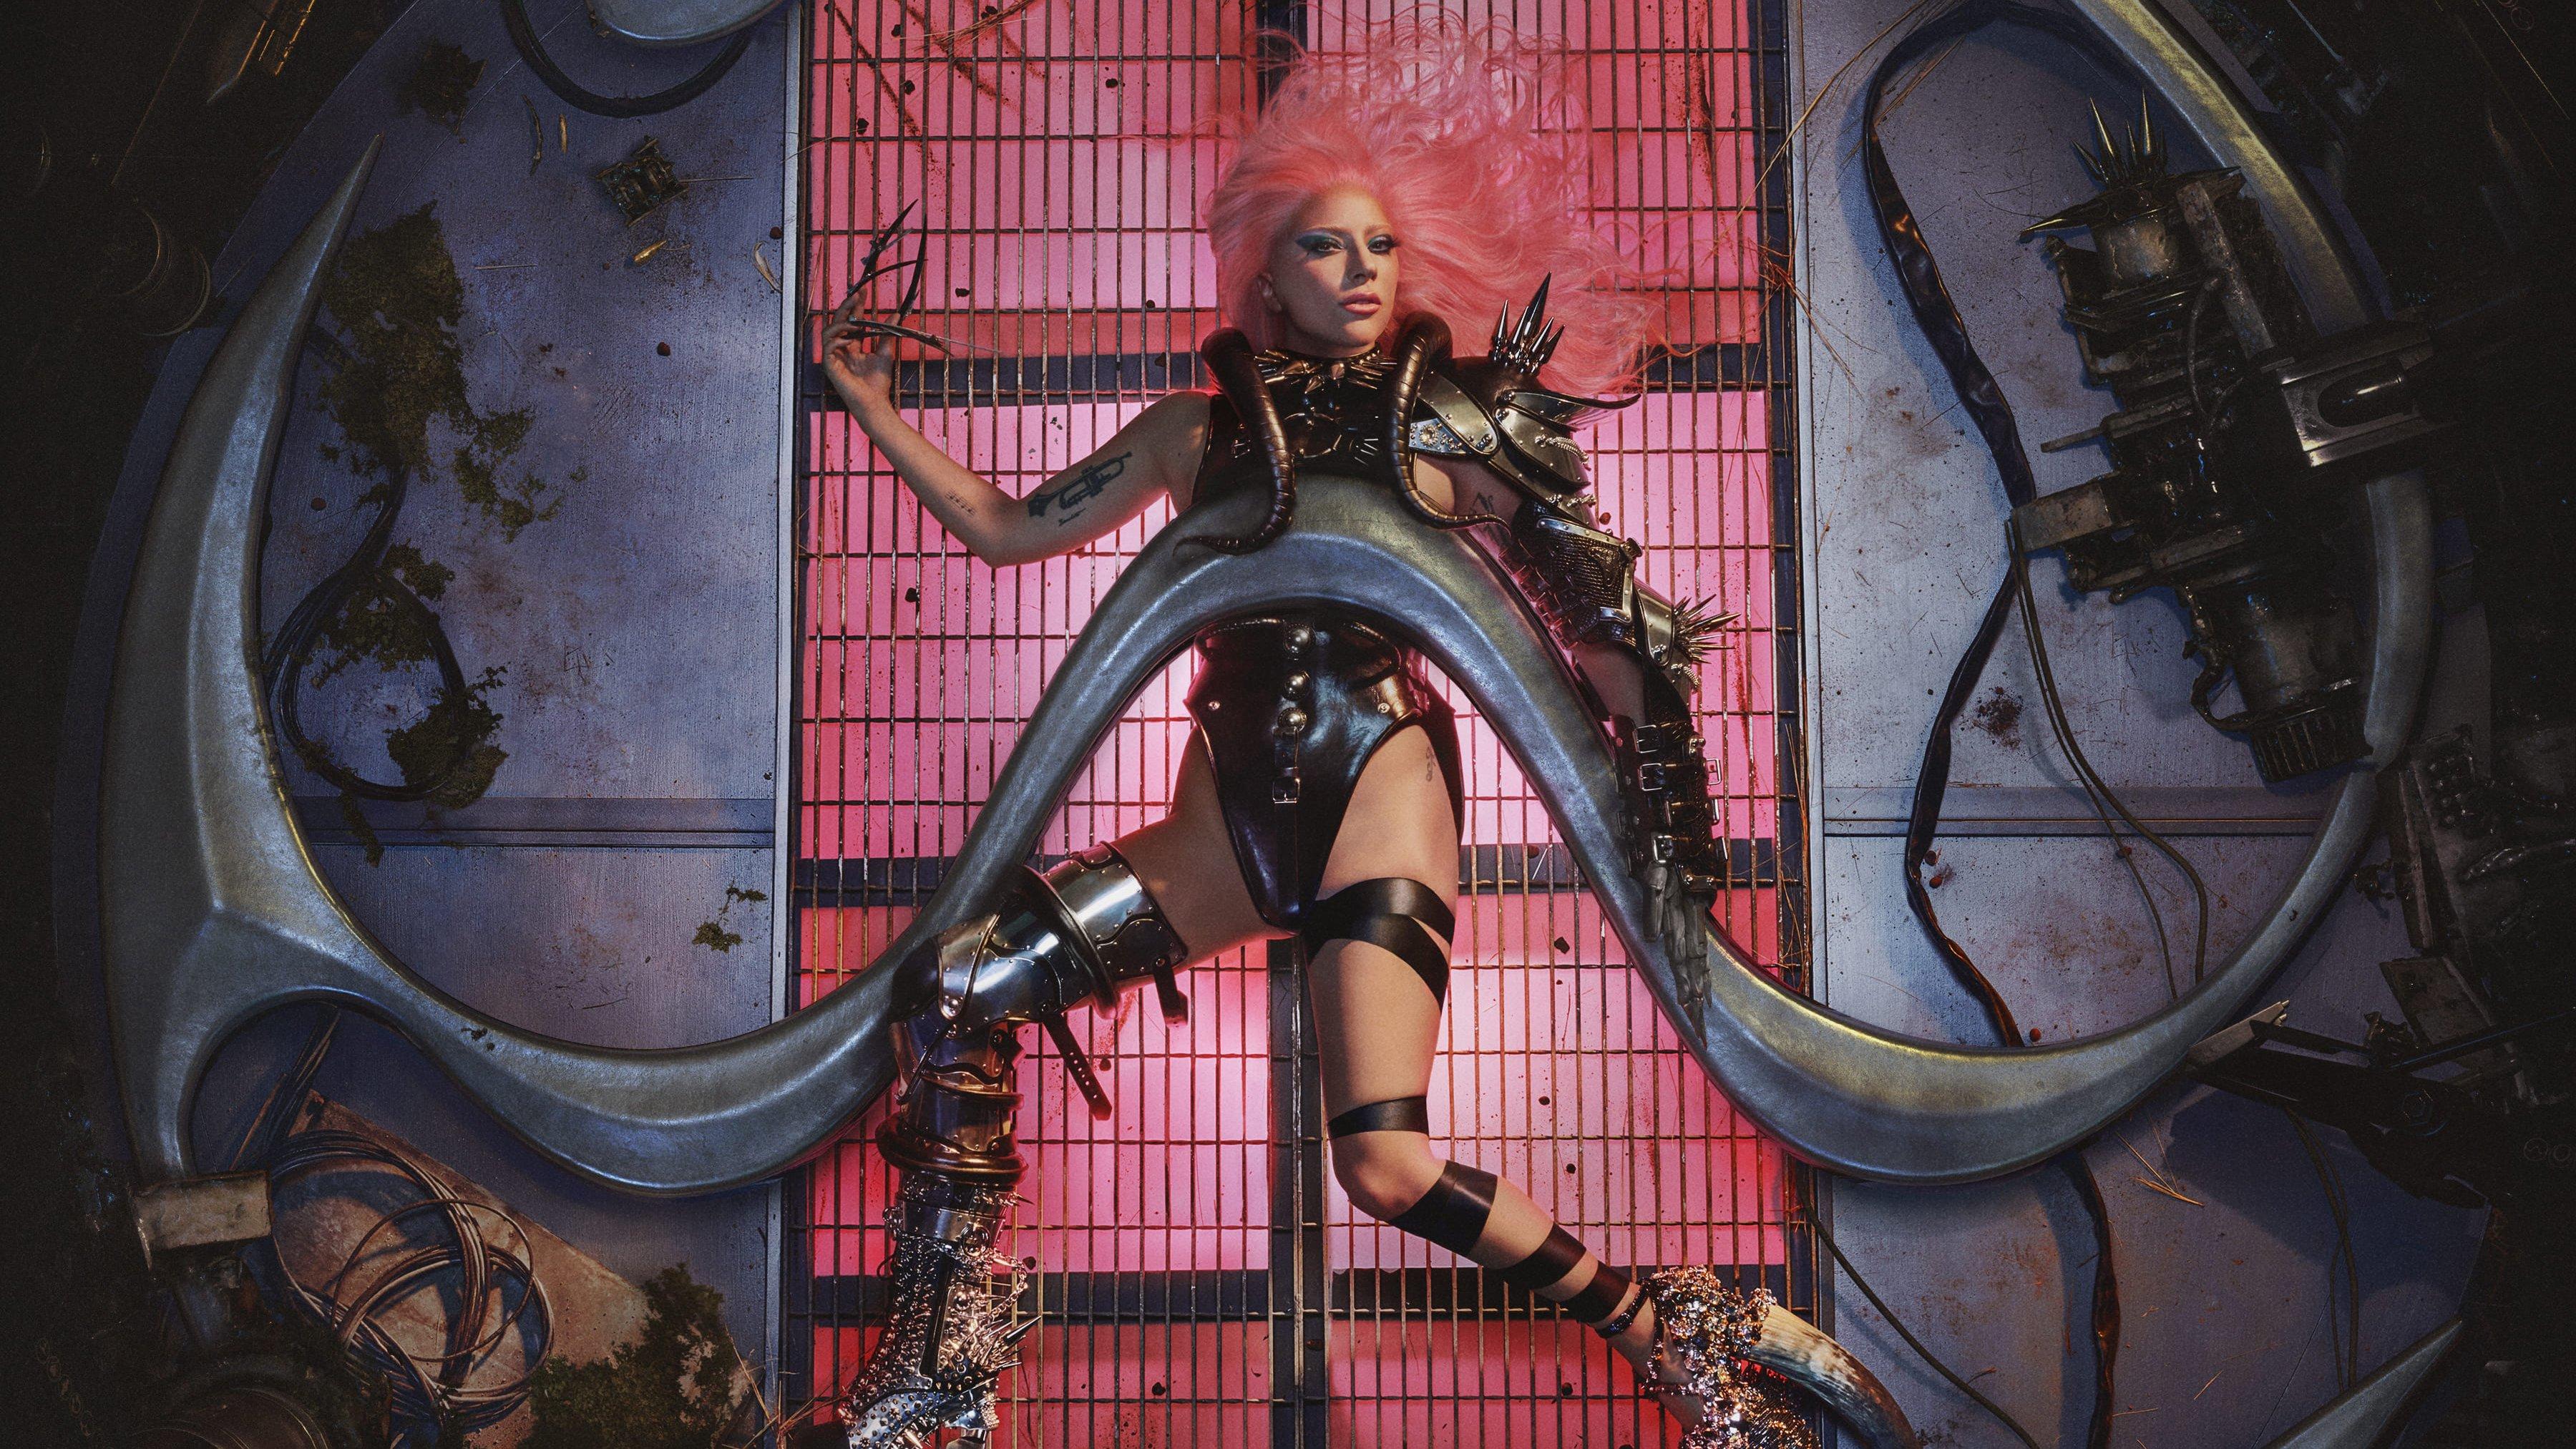 Fondos de pantalla Nuevo album de Lady Gaga